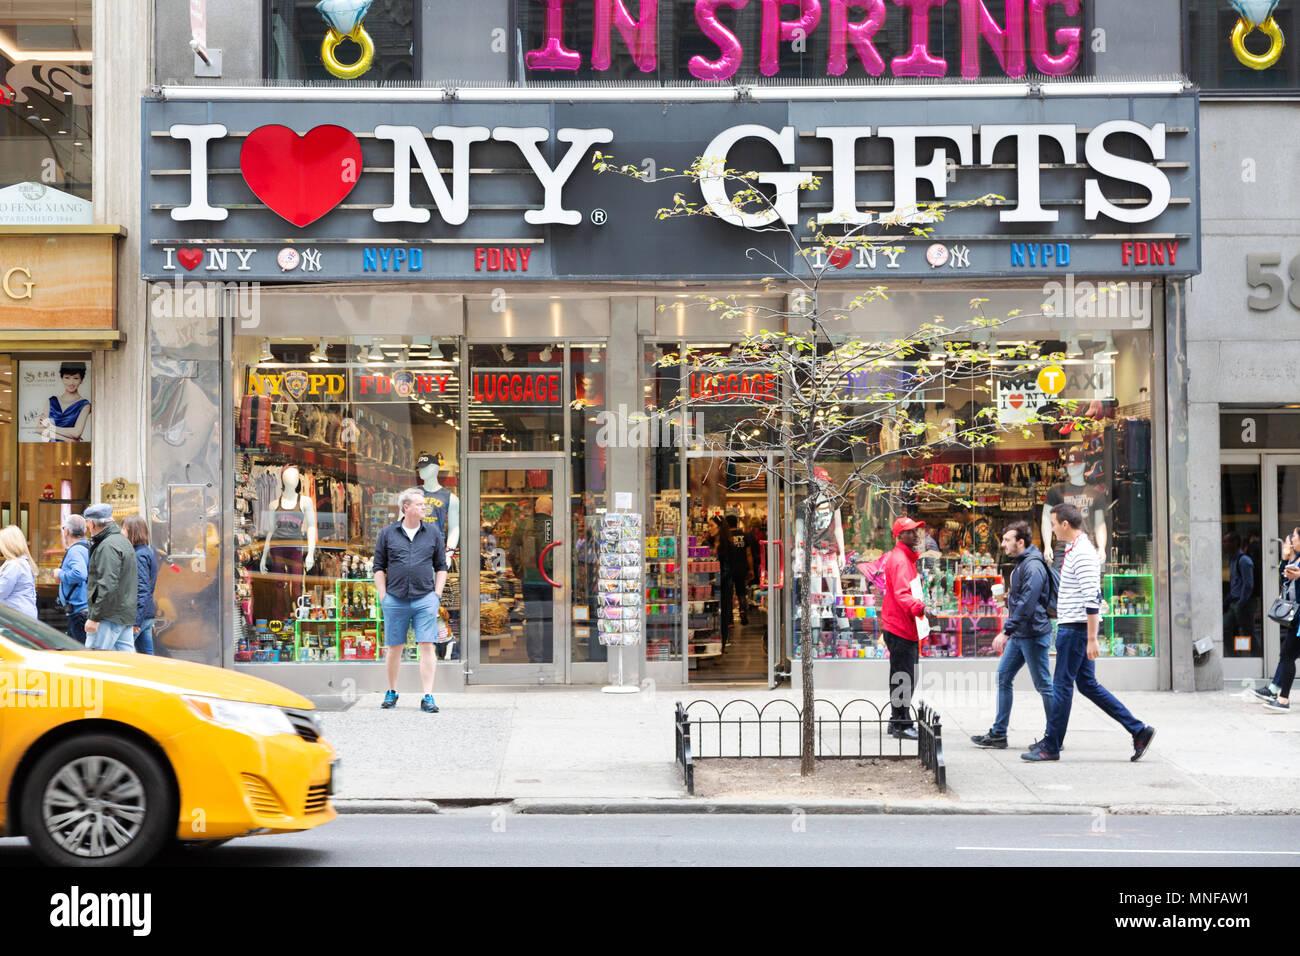 Me gusta Nueva York Regalos Regalos, Fifth Avenue, Nueva York, EE.UU. Imagen De Stock